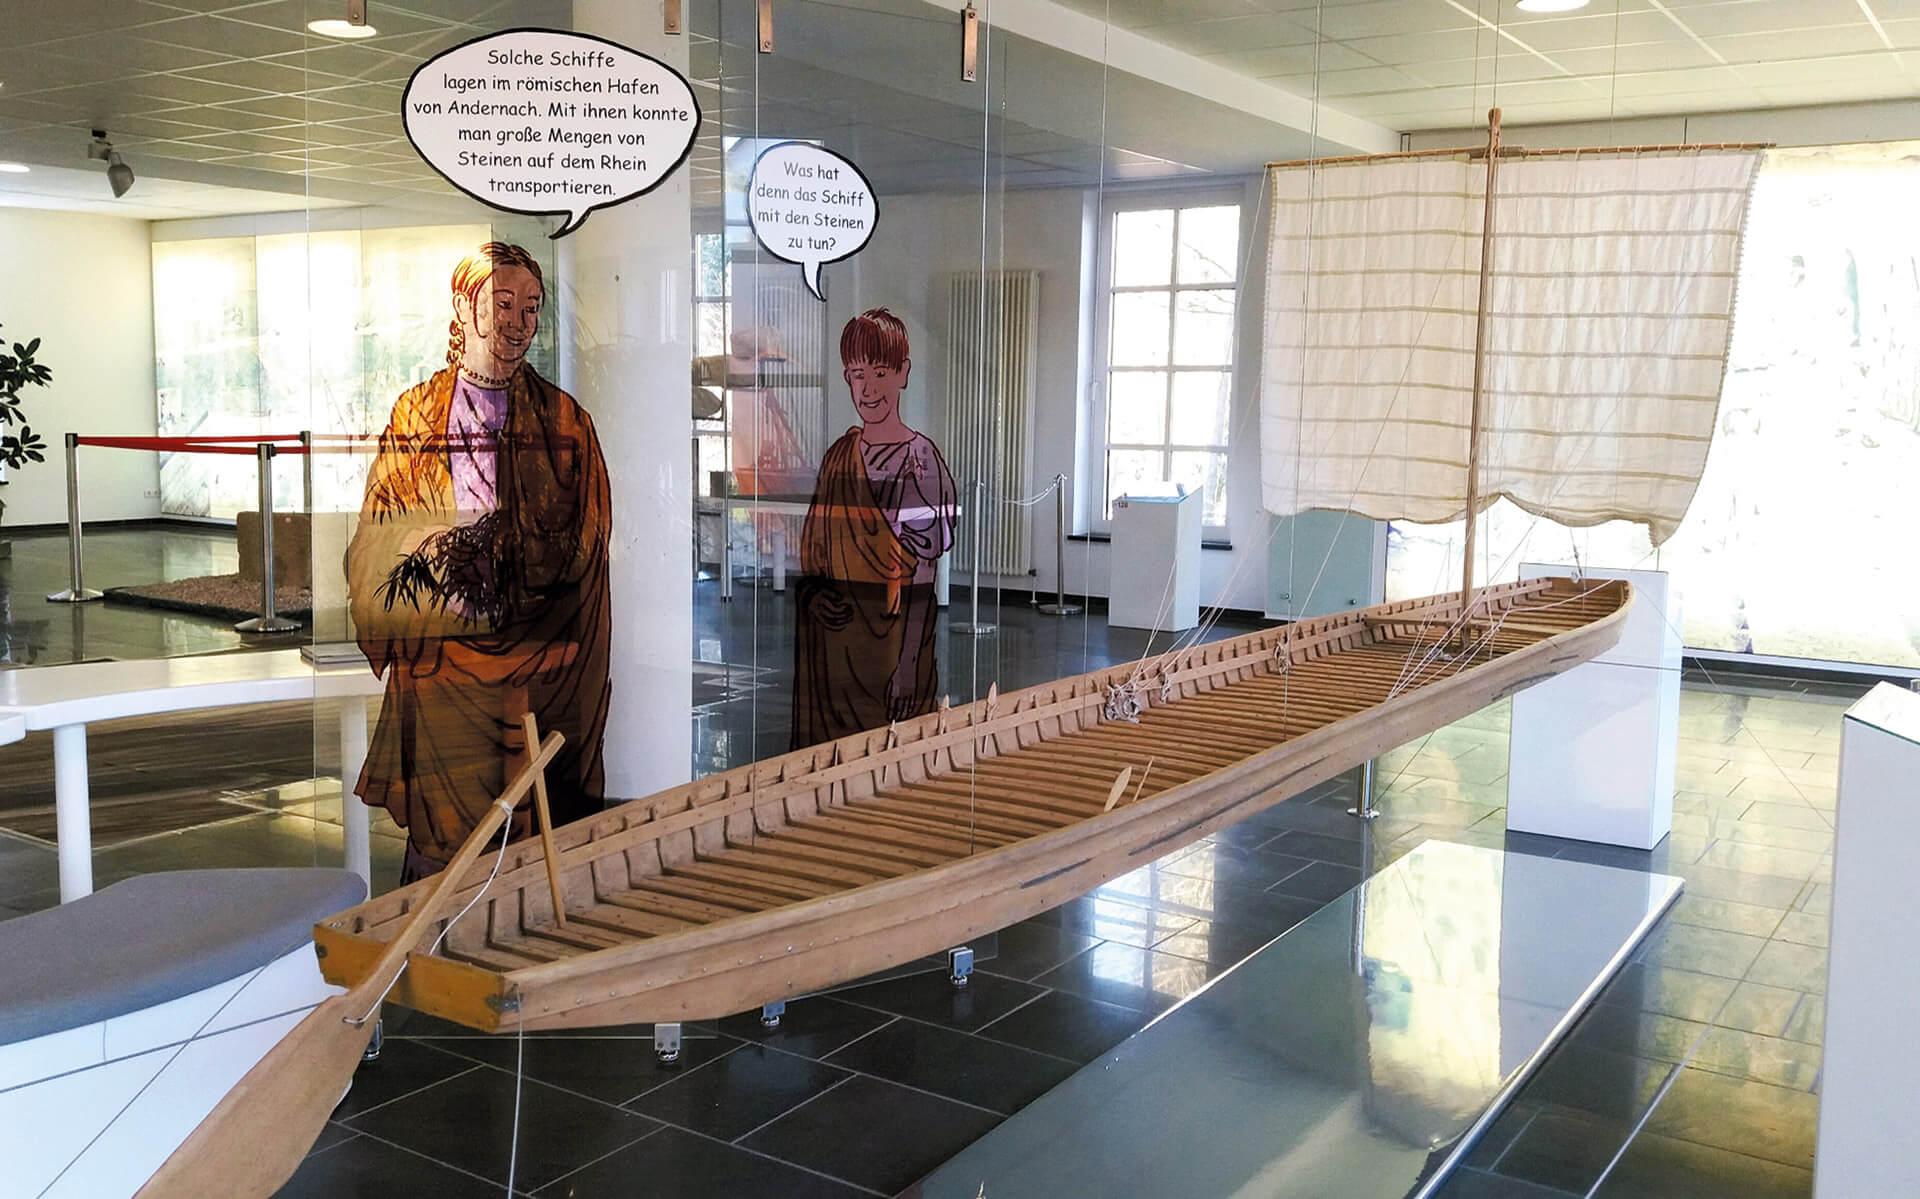 Vulkanpark, Infozentrum. Mit dem Plattbodenschiff (Phram) wurden Steine auf dem Rhein transportiert.